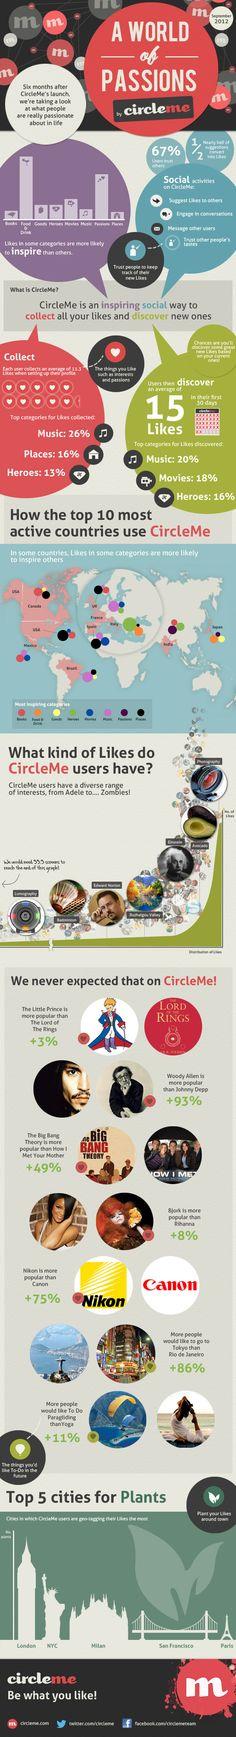 Circle.me: che cos'è e perchè ha successo